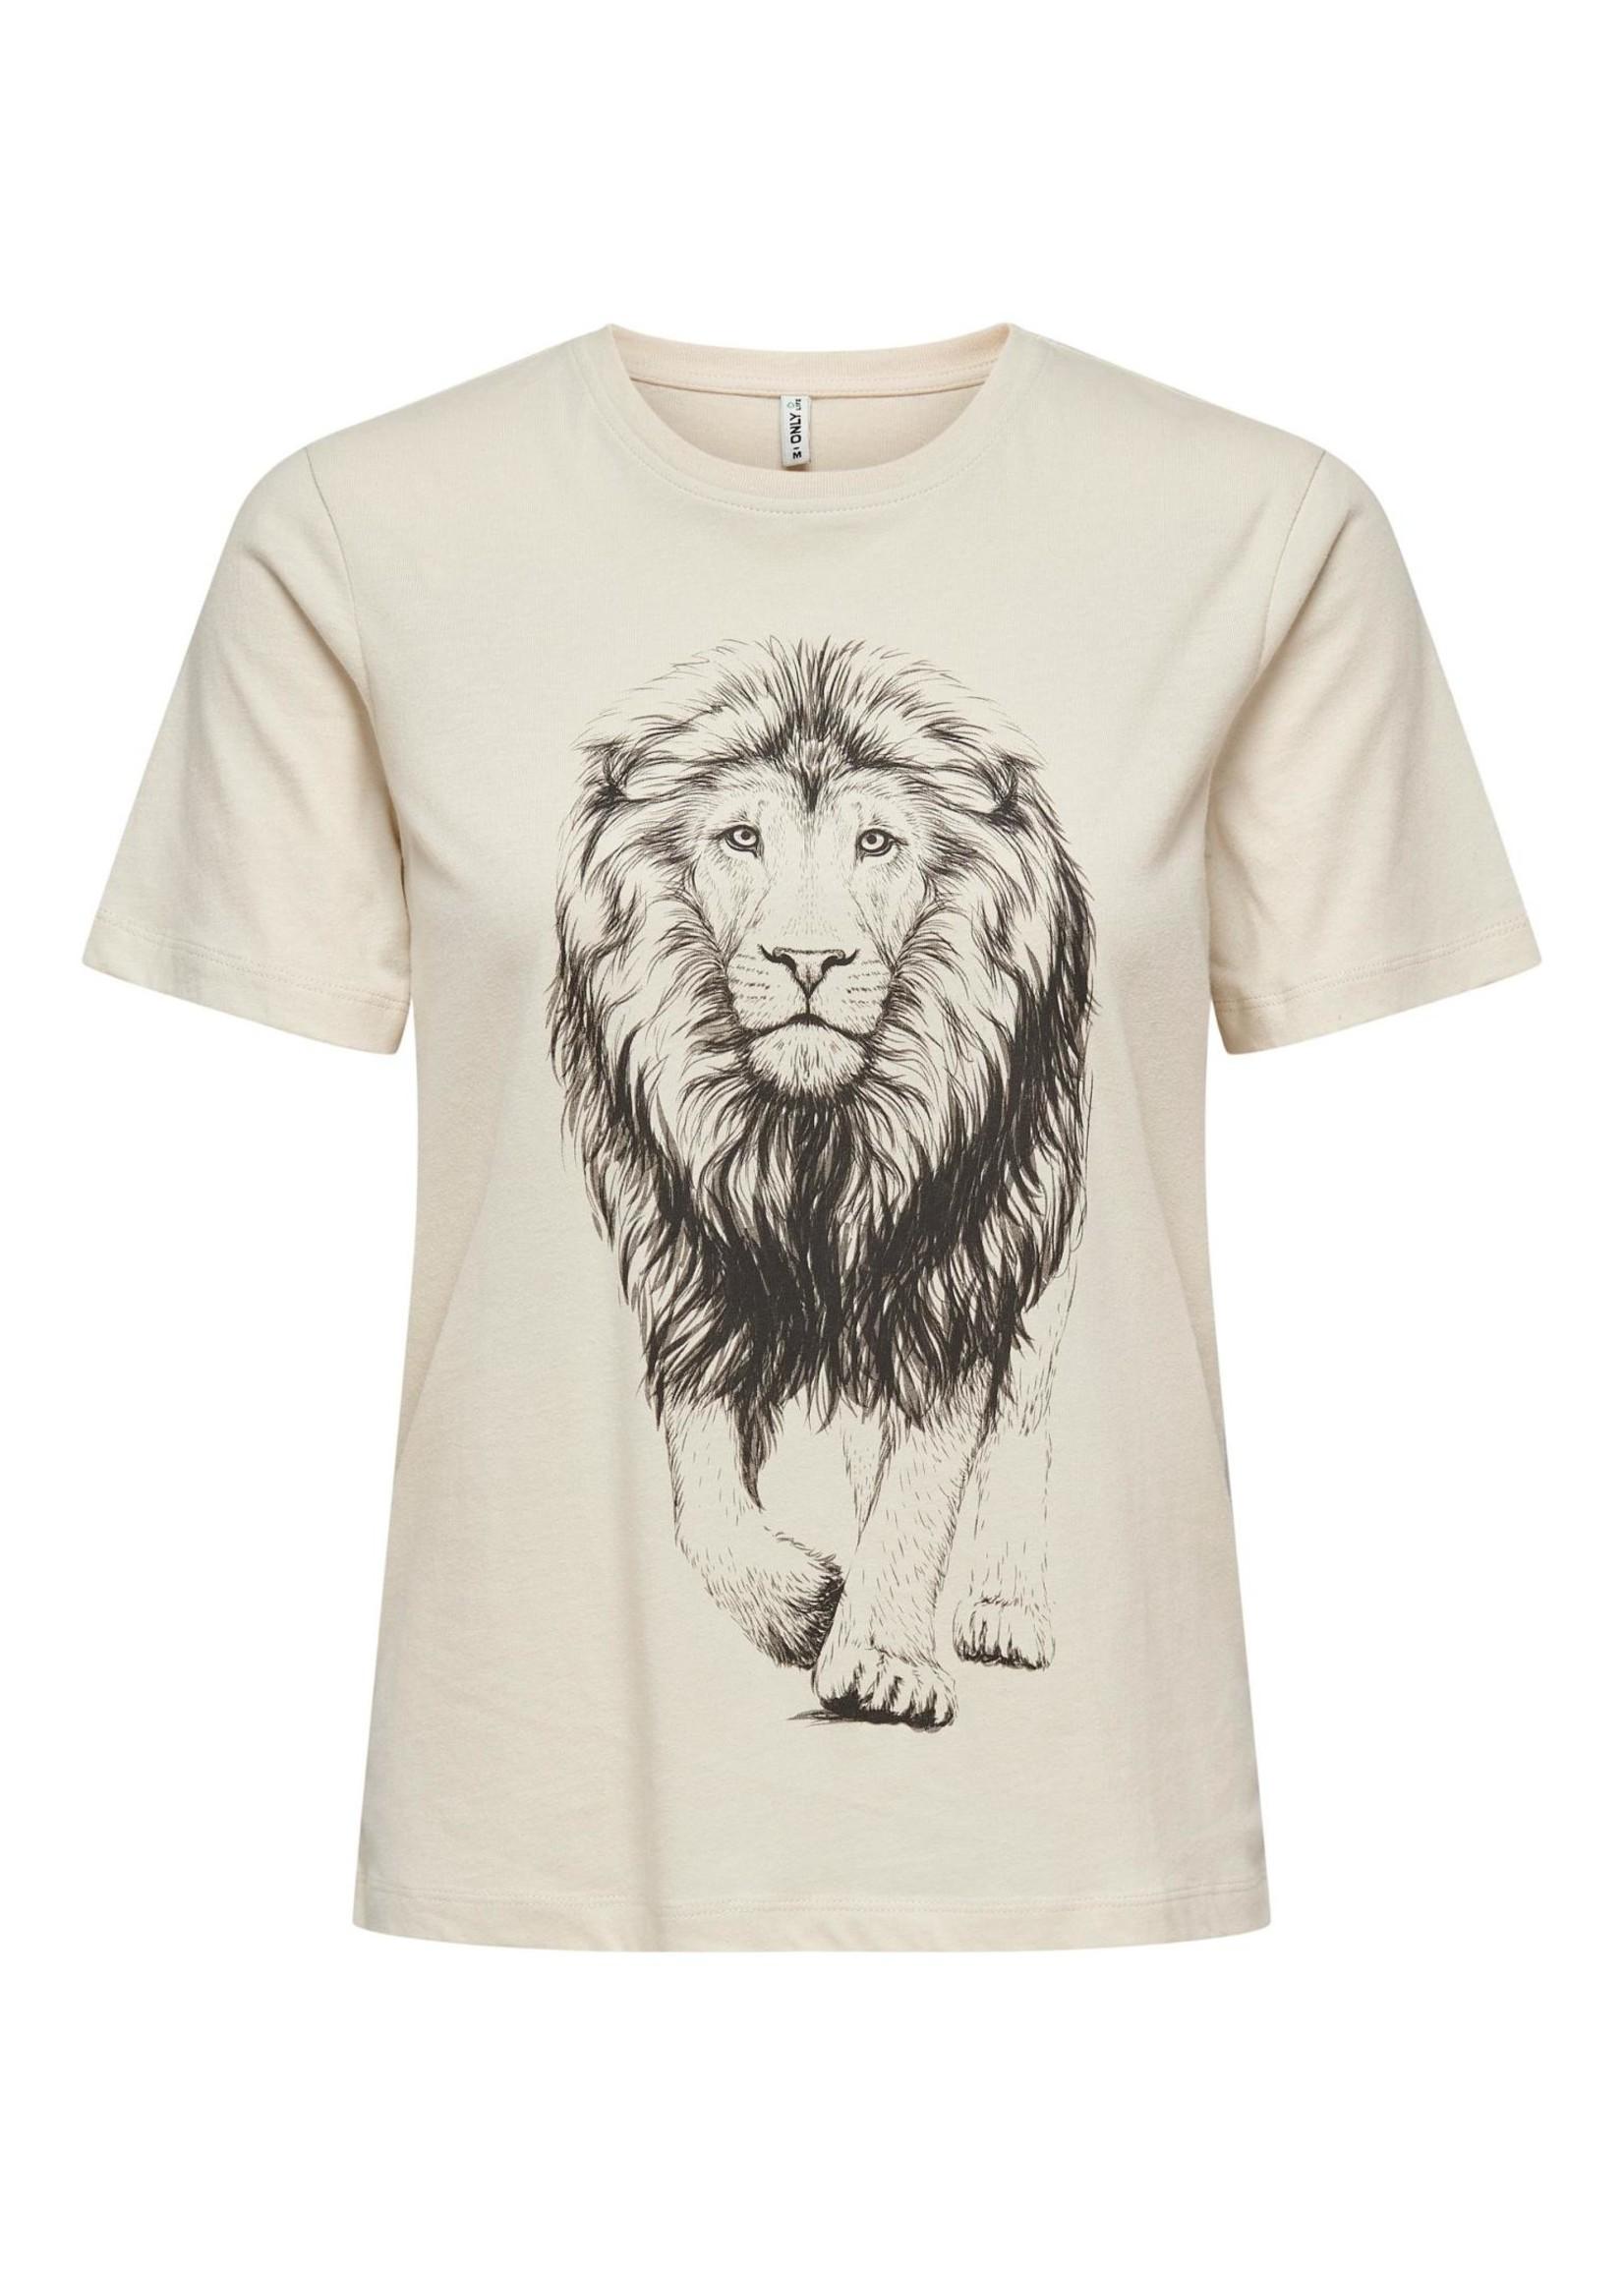 ONLY CATS LIFE REG S/S TOP BOX CS JRS brich lion